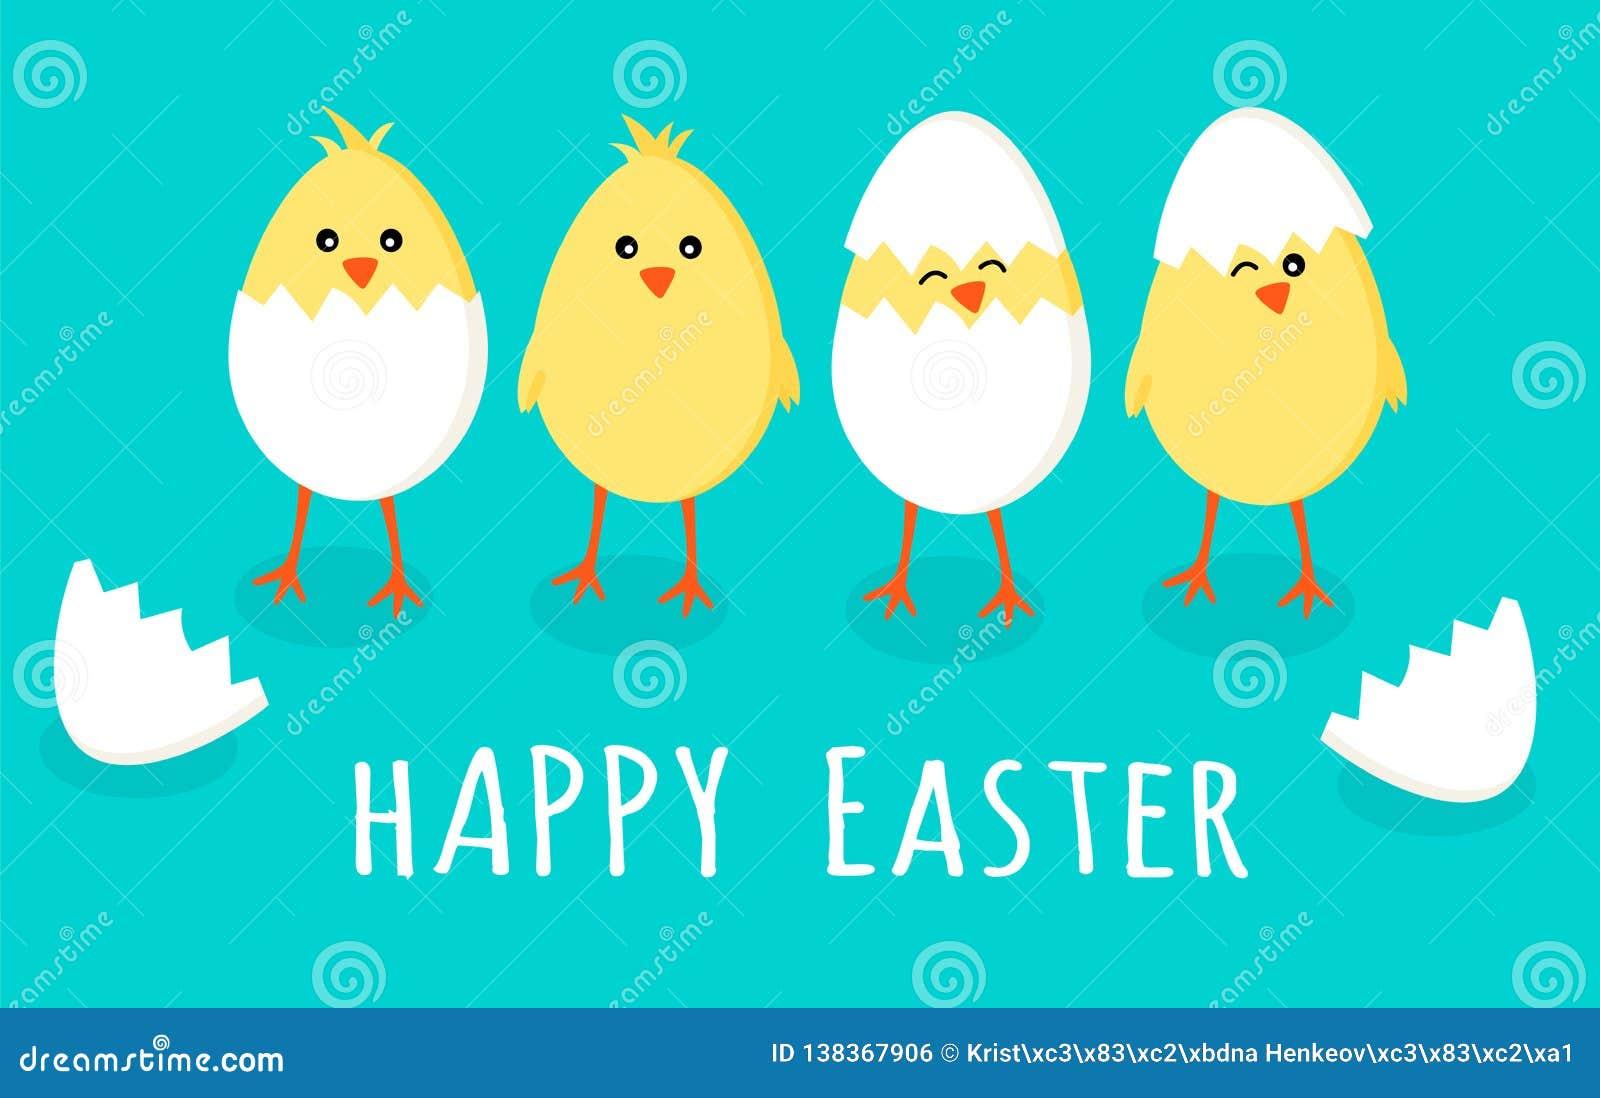 Cartolina d auguri di Pasqua con quattro piccoli pulcini gialli svegli in uova incrinate e coperture dell uovo con il testo pasqu